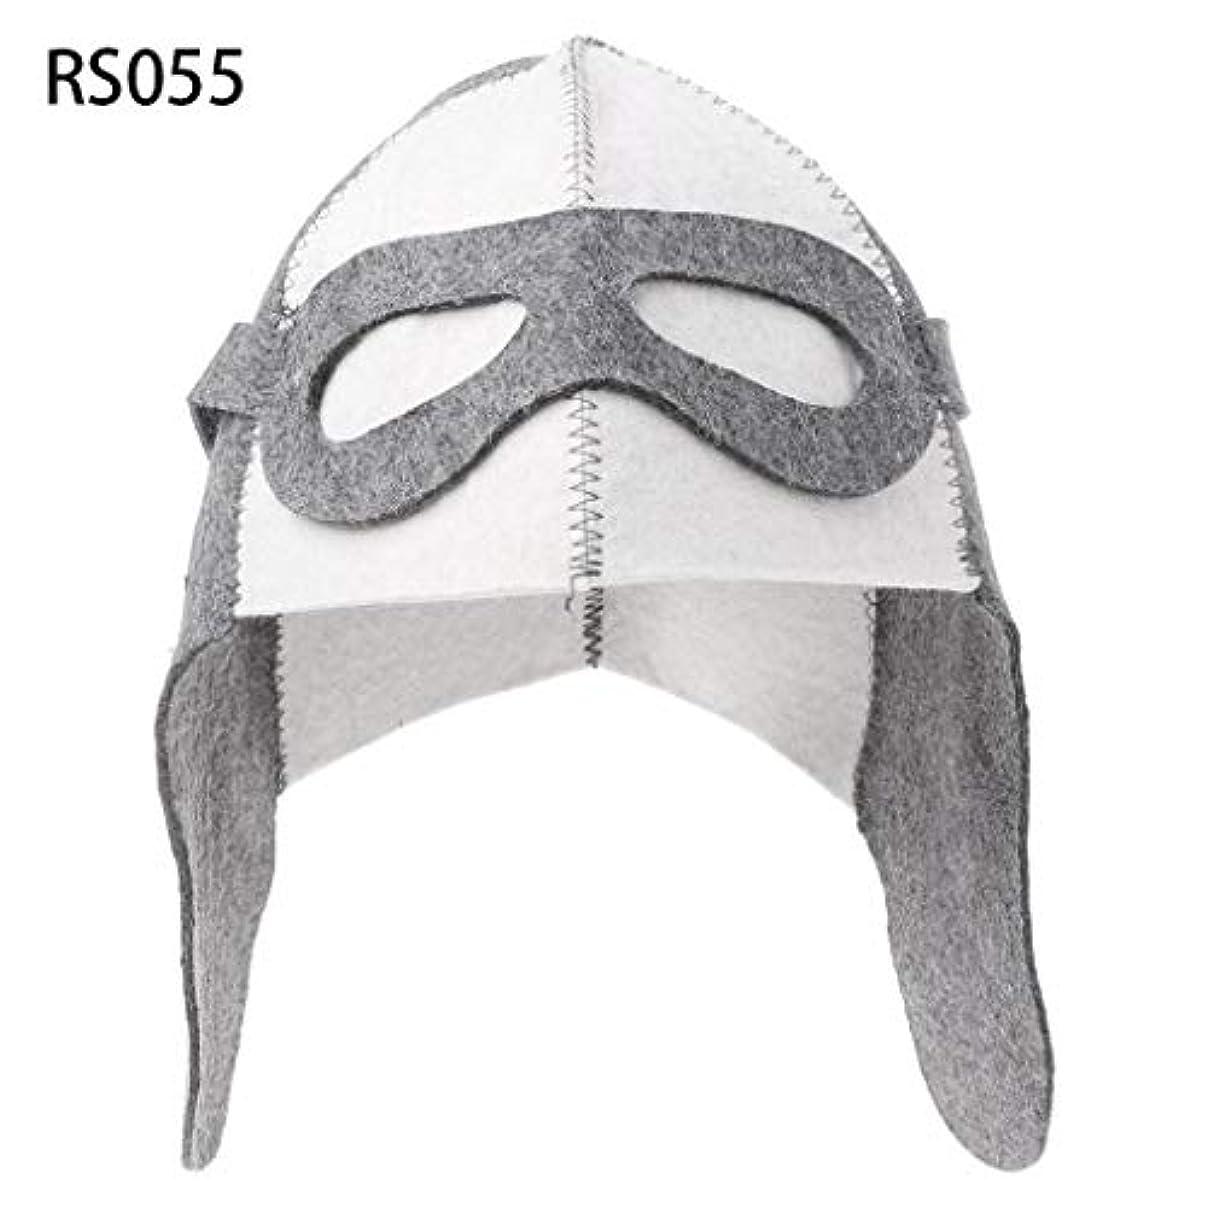 知的もつれまっすぐLANDUMのウールのフェルトのサウナの帽子、浴室の家の頭部の保護のための反熱ロシアのバニヤ帽子